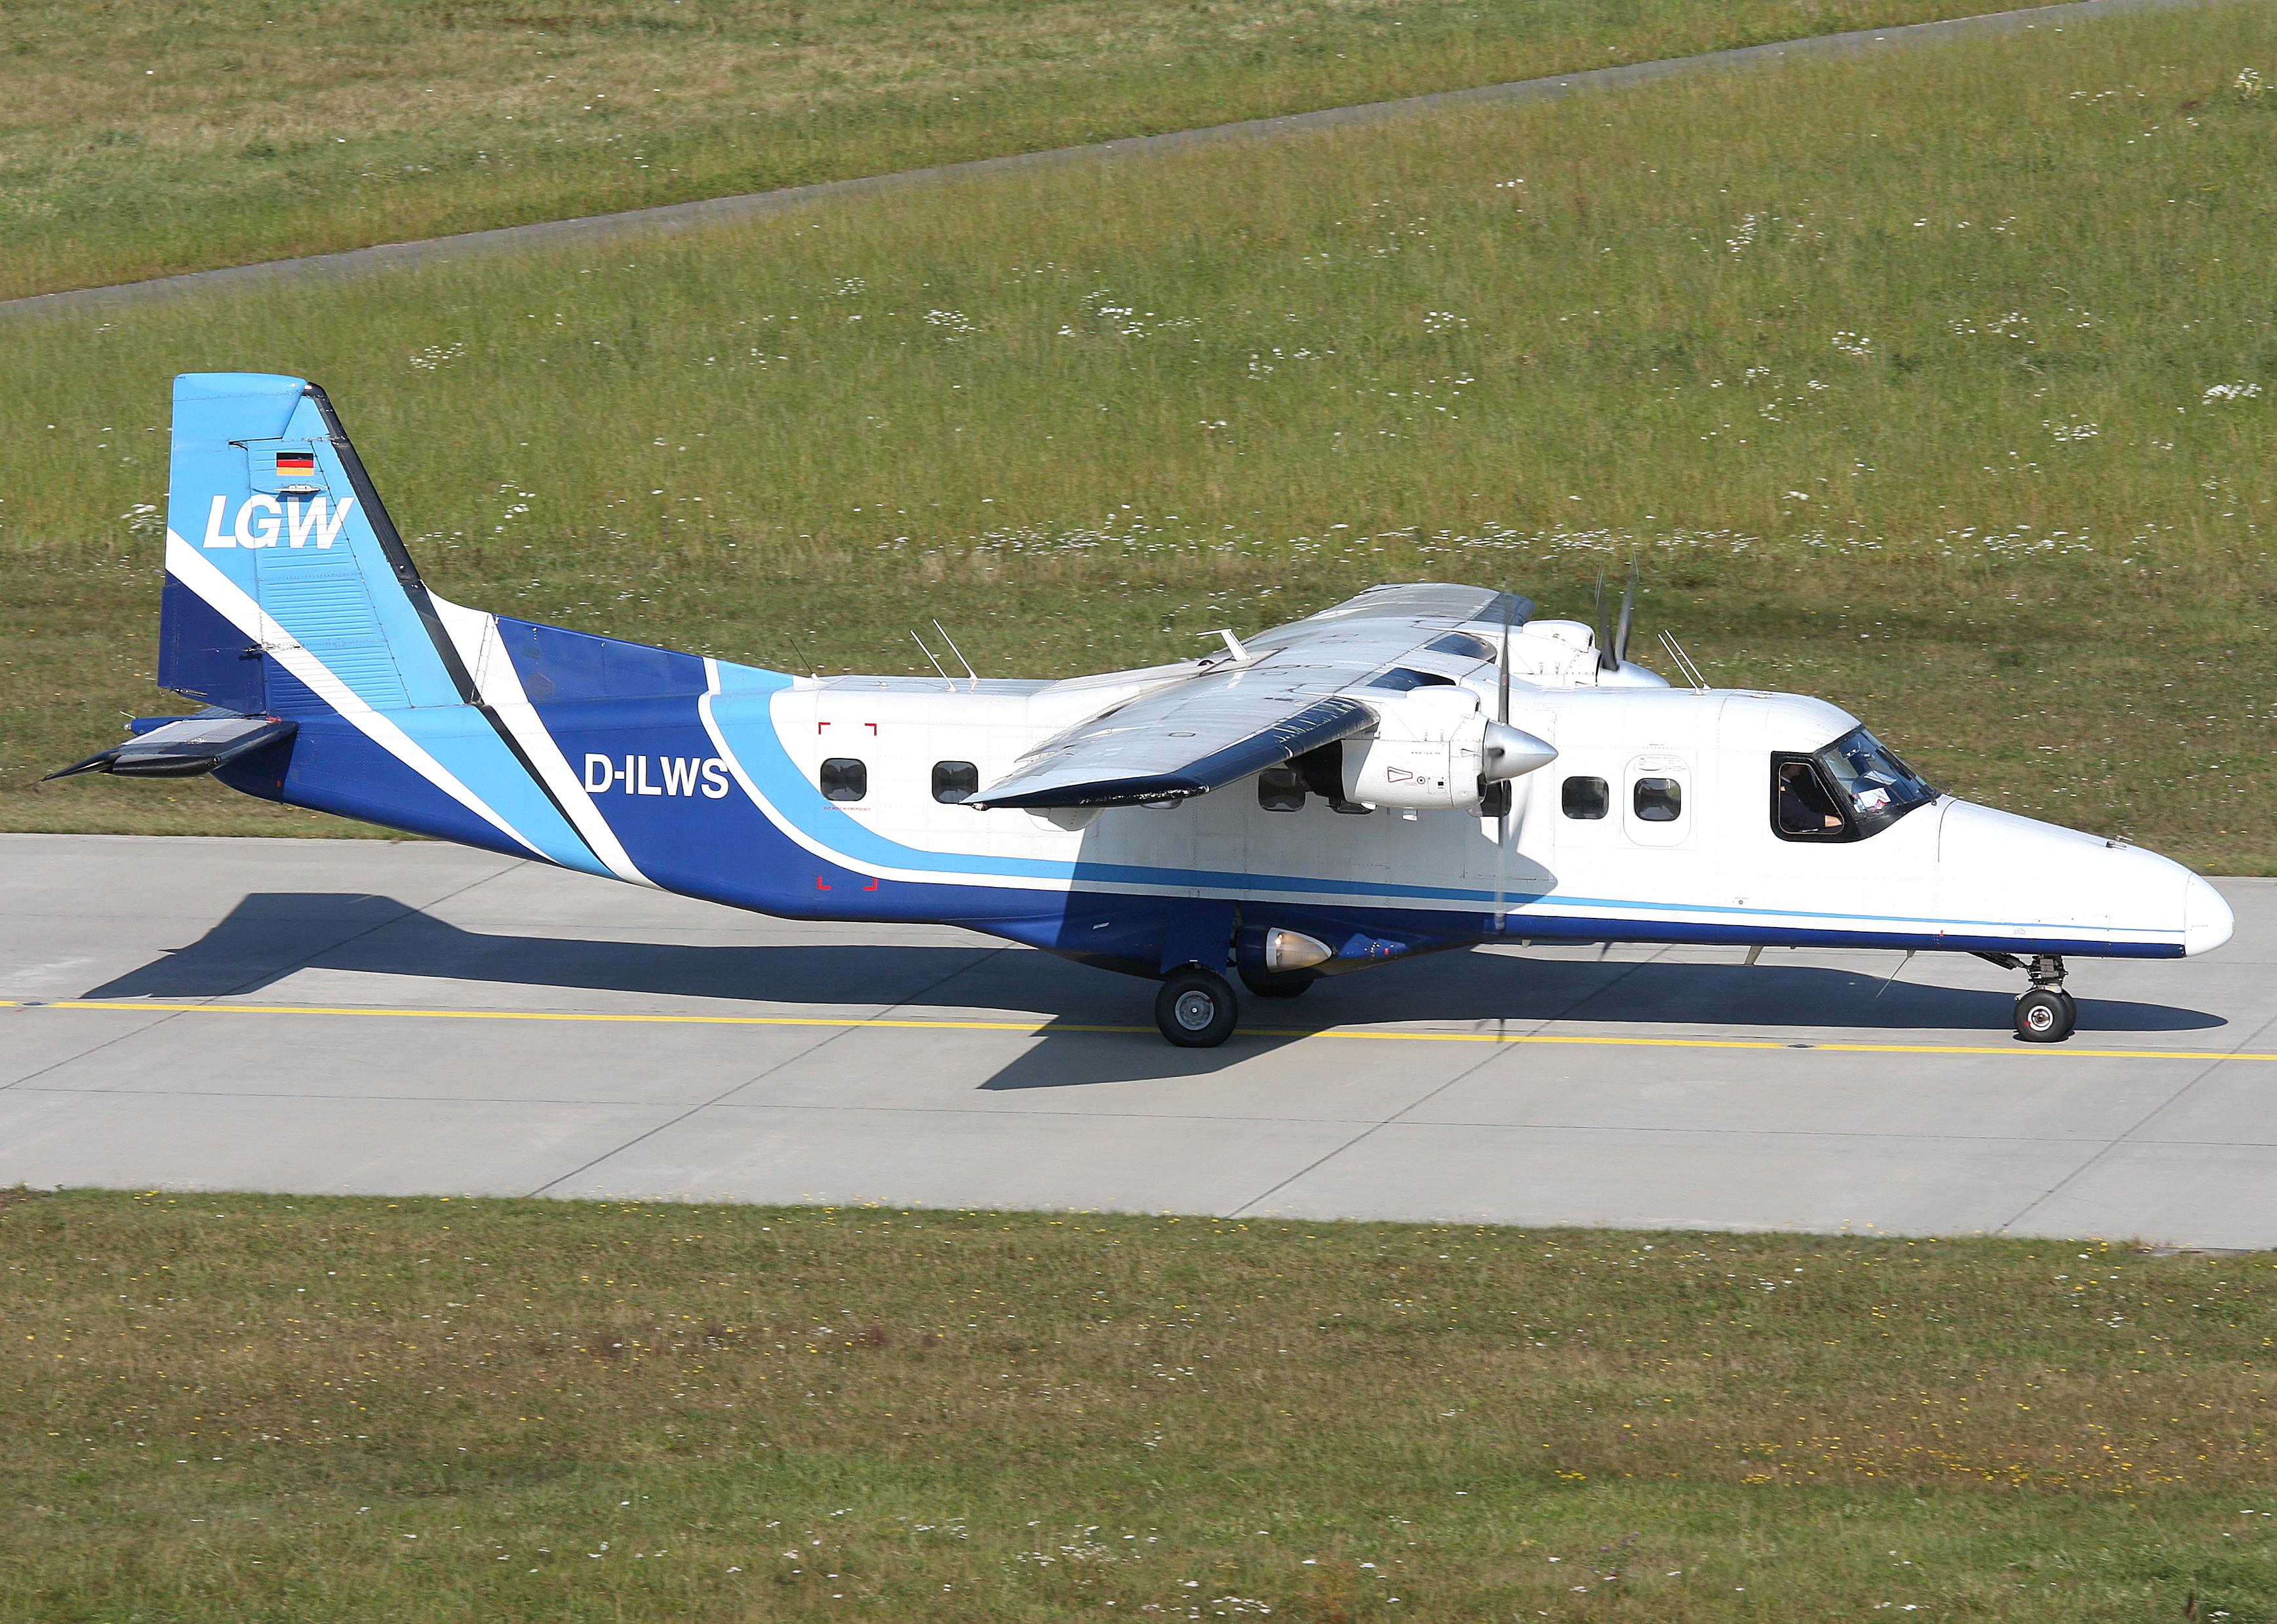 航空LGV Lyuftfartgezelshaftウォルター(LGW Luftfahrtgesellschaftウォルター).2